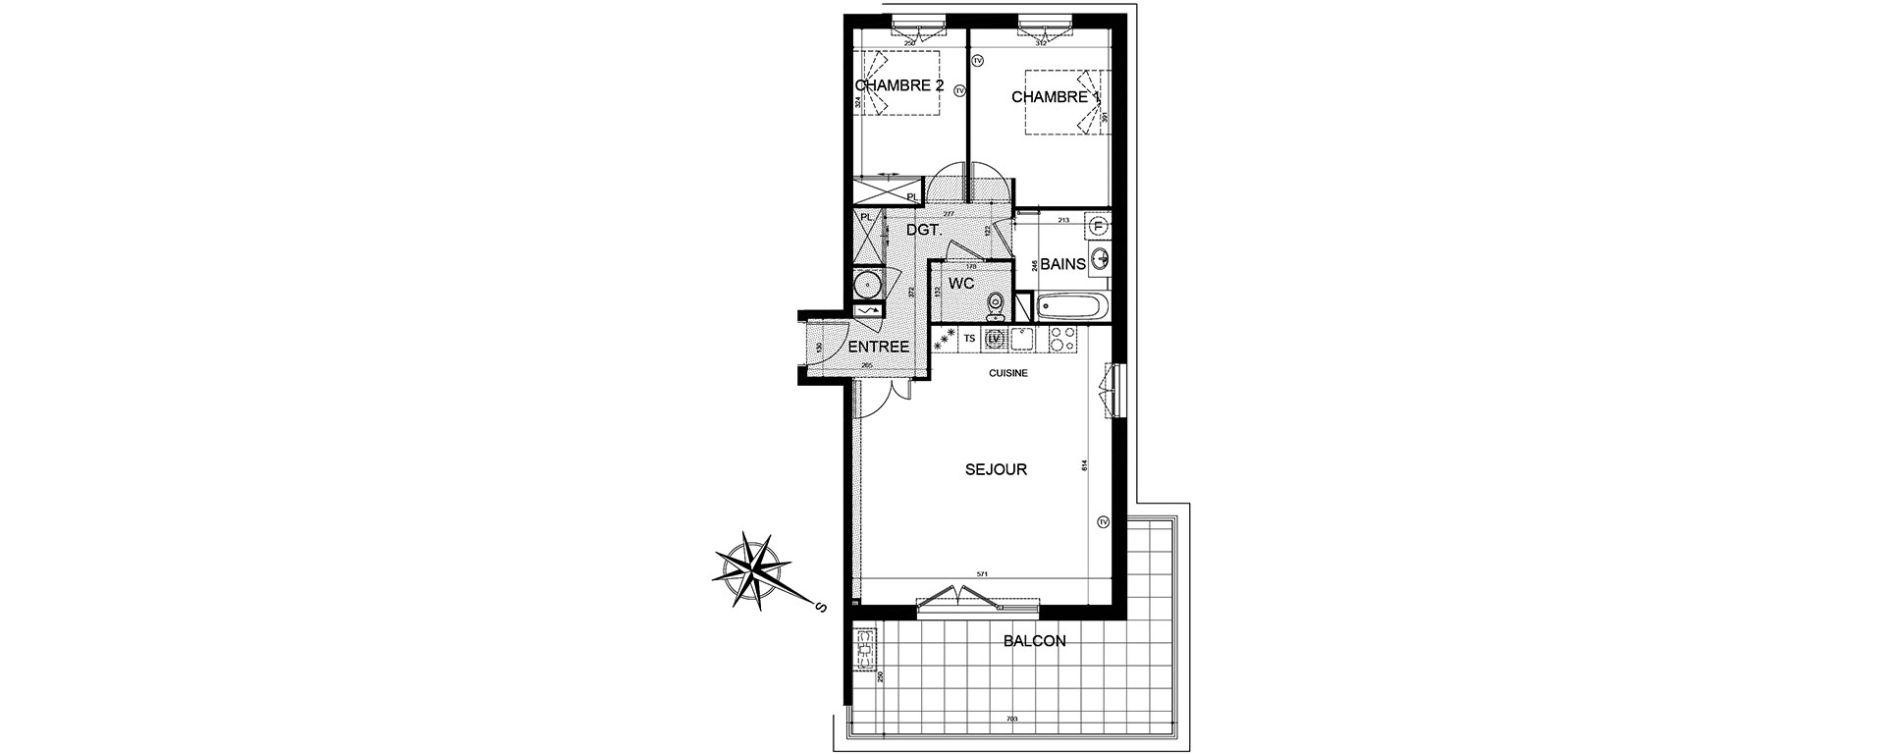 Appartement T3 de 71,11 m2 à Puget-Sur-Argens Centre